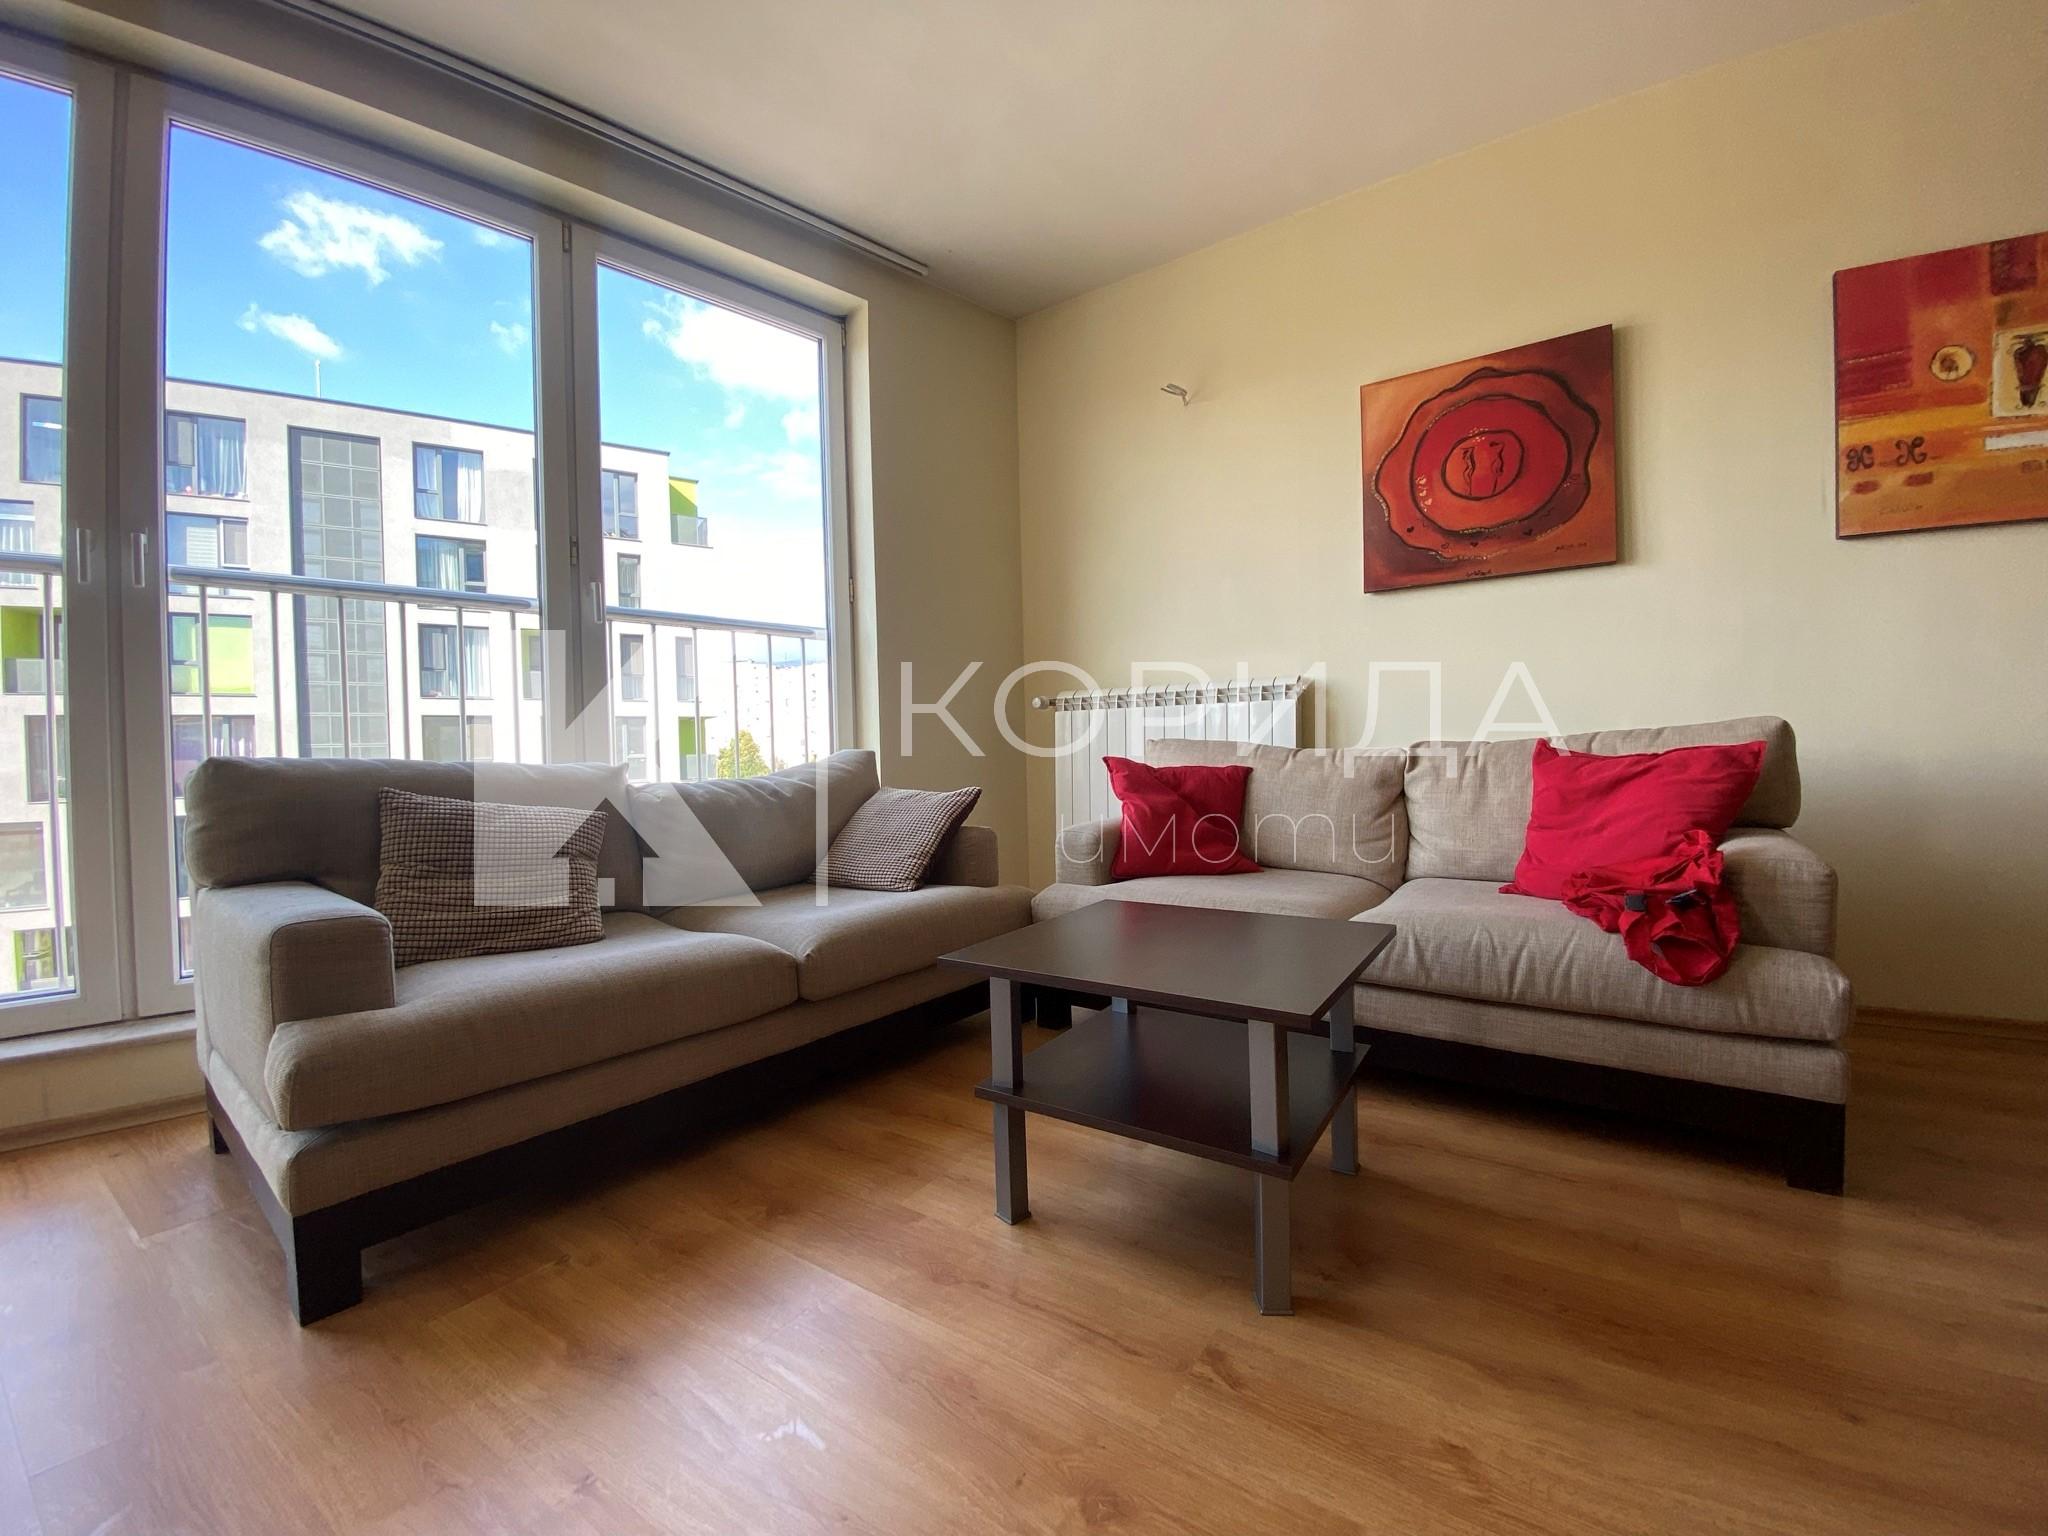 Стилен 4-стаен апартамент на ул. Слатинска